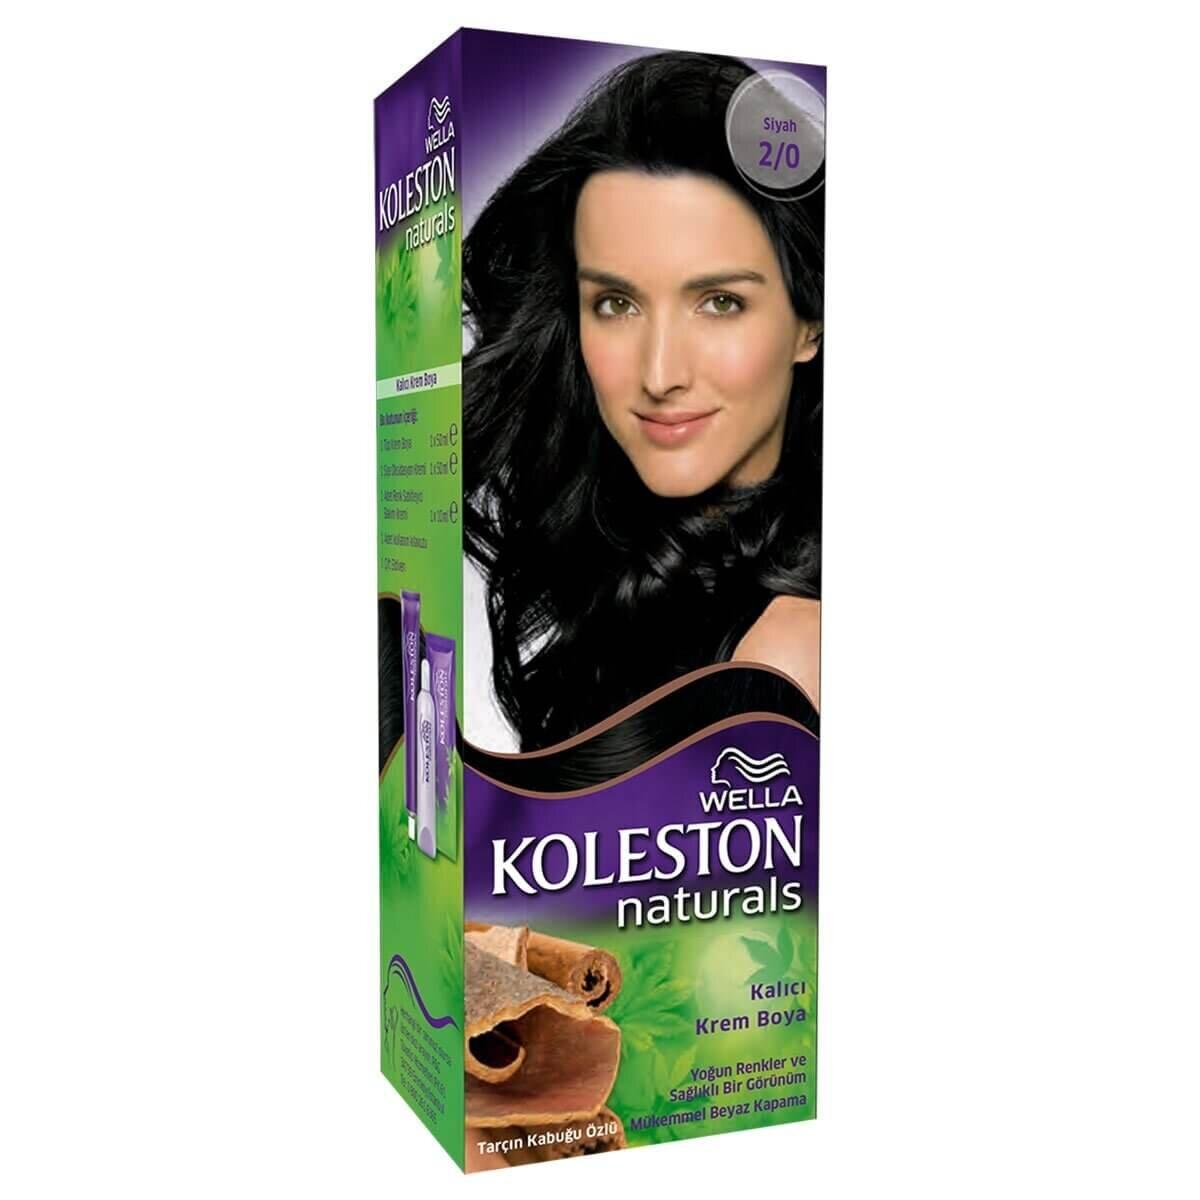 Koleston Naturals Siyah 2/0